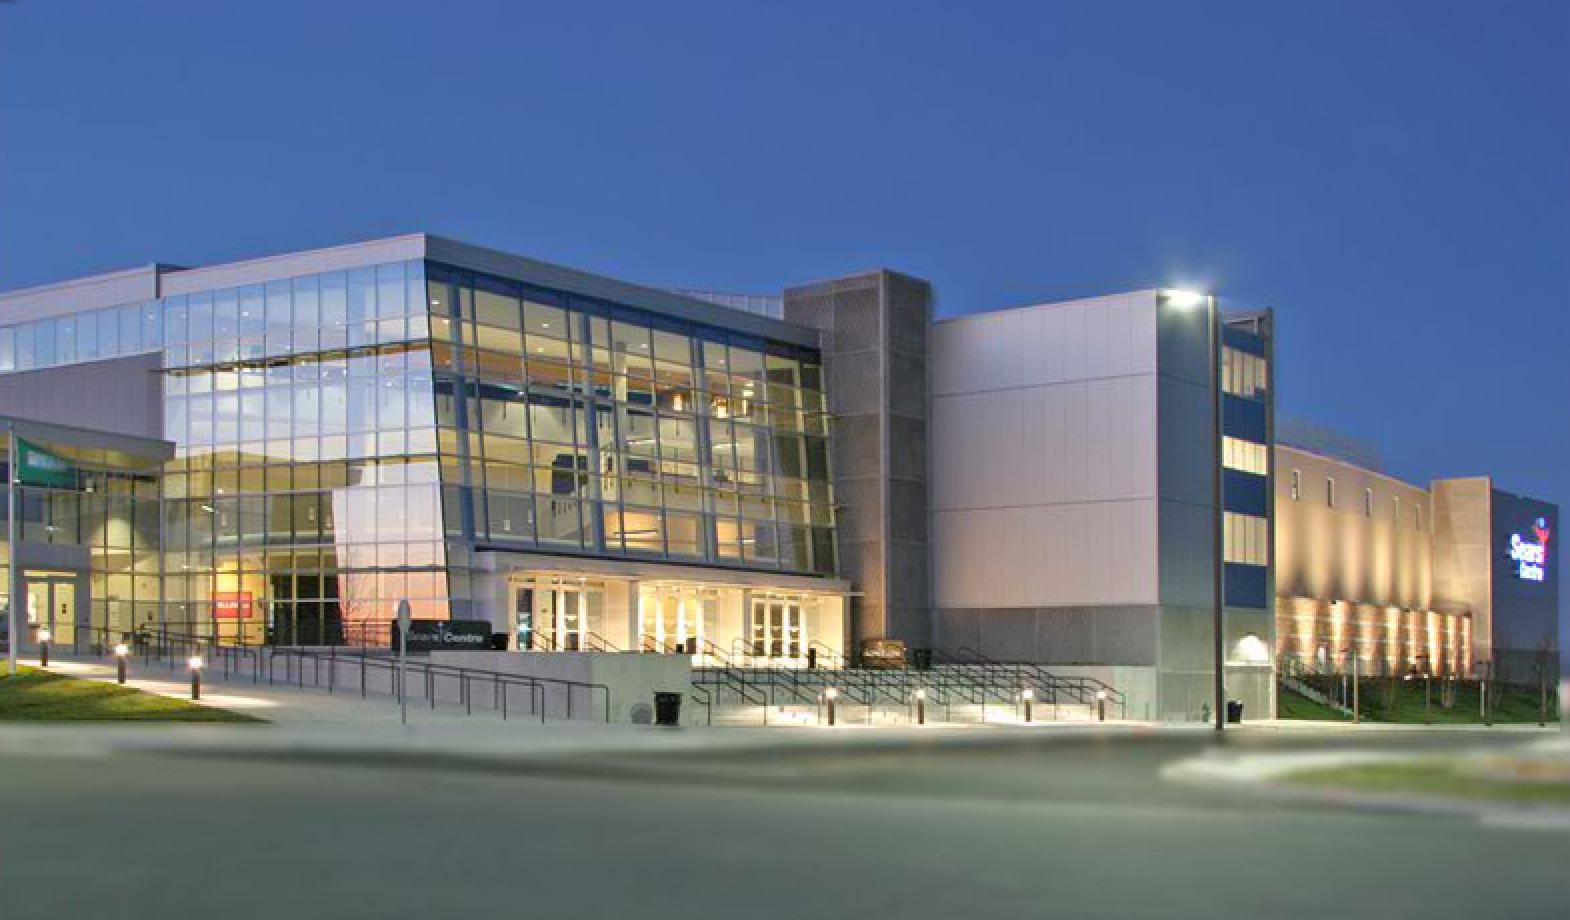 Sears Centre Arena Sullivan Roofing